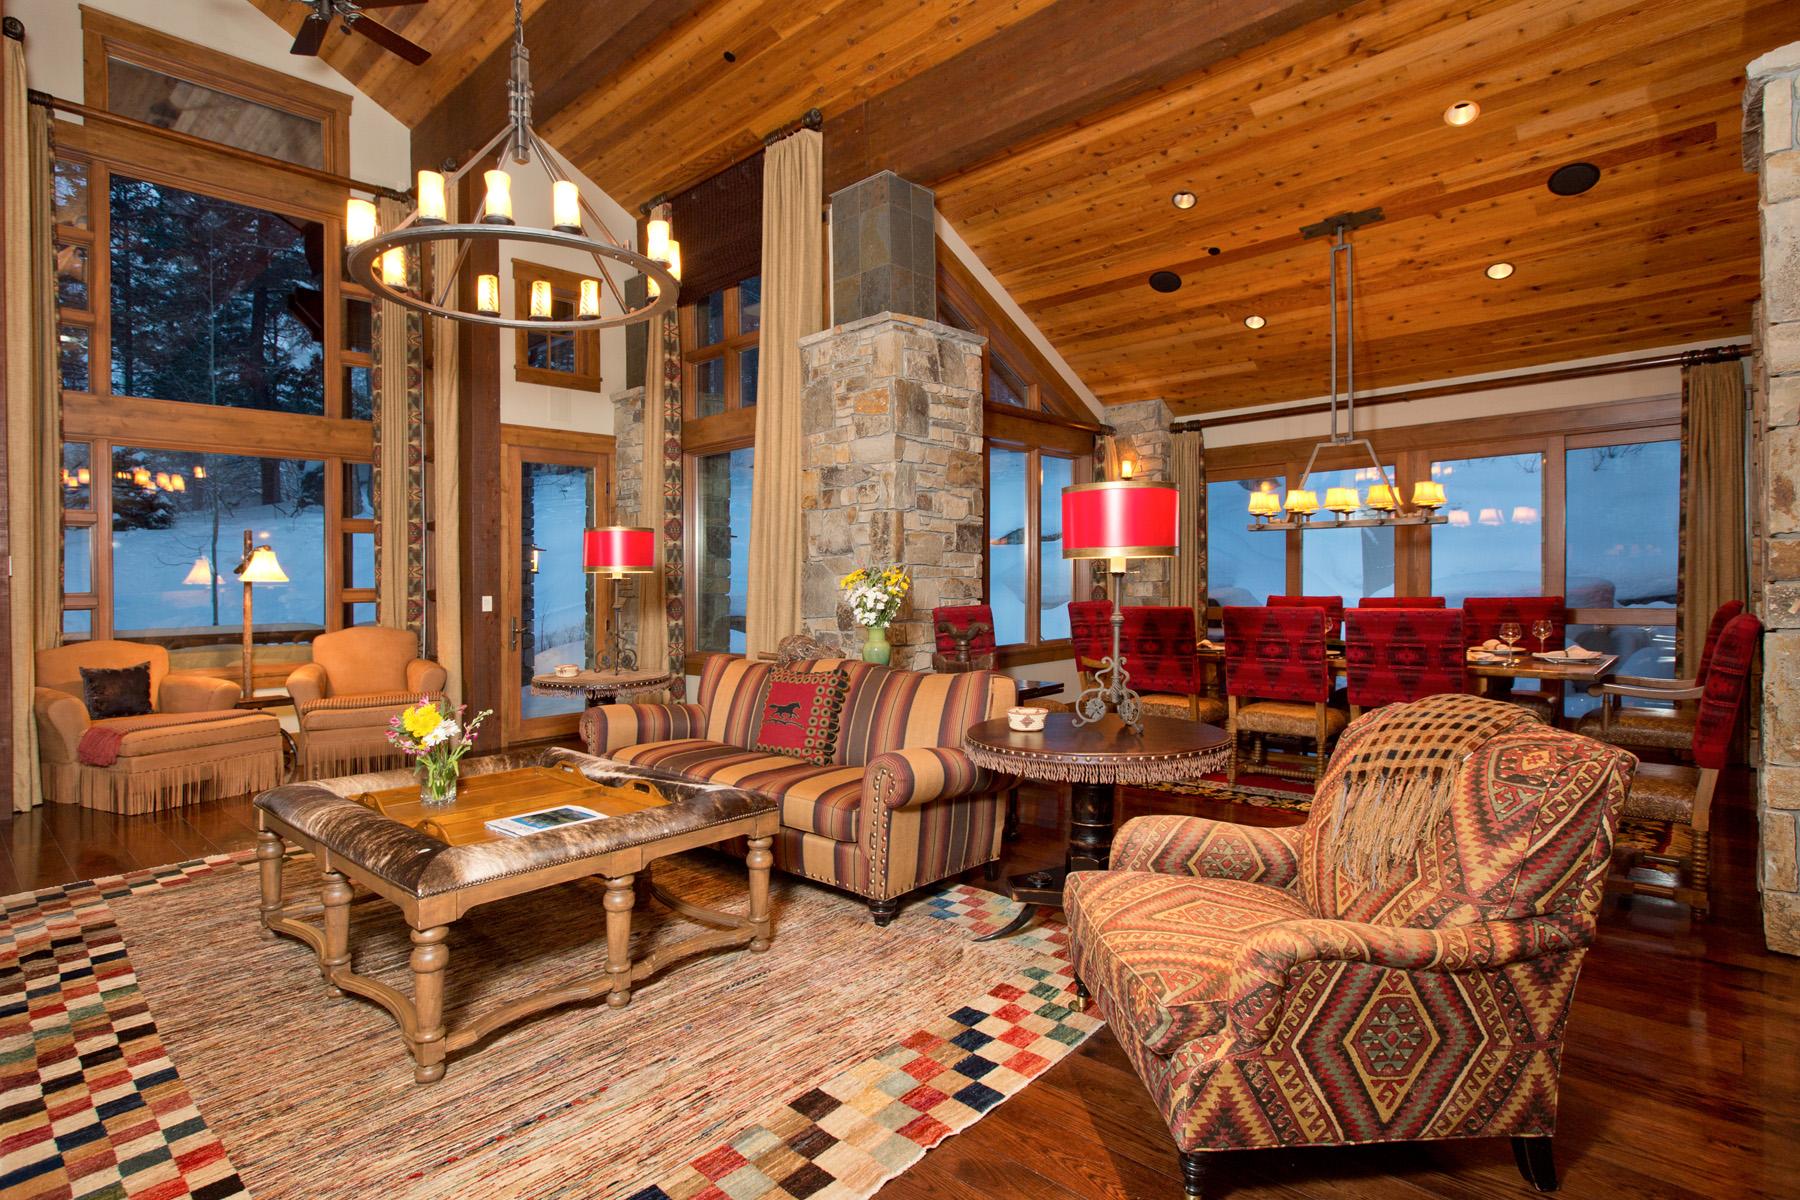 Villa per Vendita alle ore Ski-In Ski-Out Home in Teton Village 3825 W McCollister Drive Teton Village, Wyoming 83025 Stati Uniti